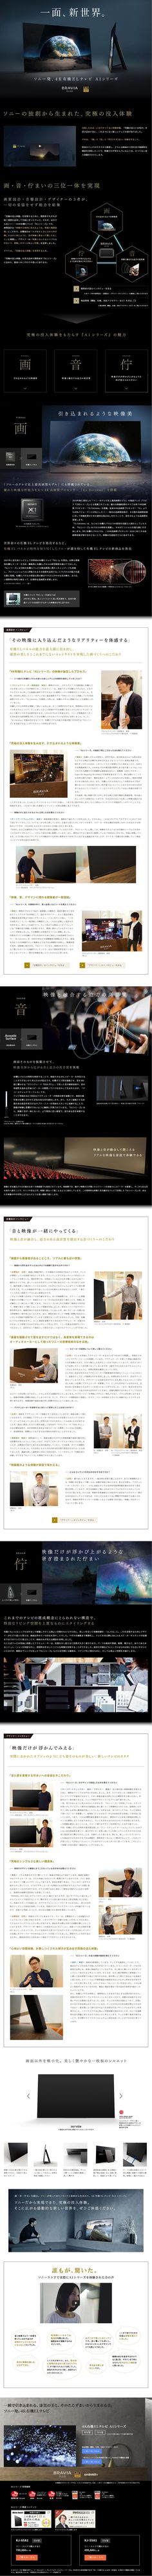 4K有機ELテレビ『A1シリーズ』スペシャルコンテンツ|WEBデザイナーさん必見!ランディングページのデザイン参考に(キレイ系)